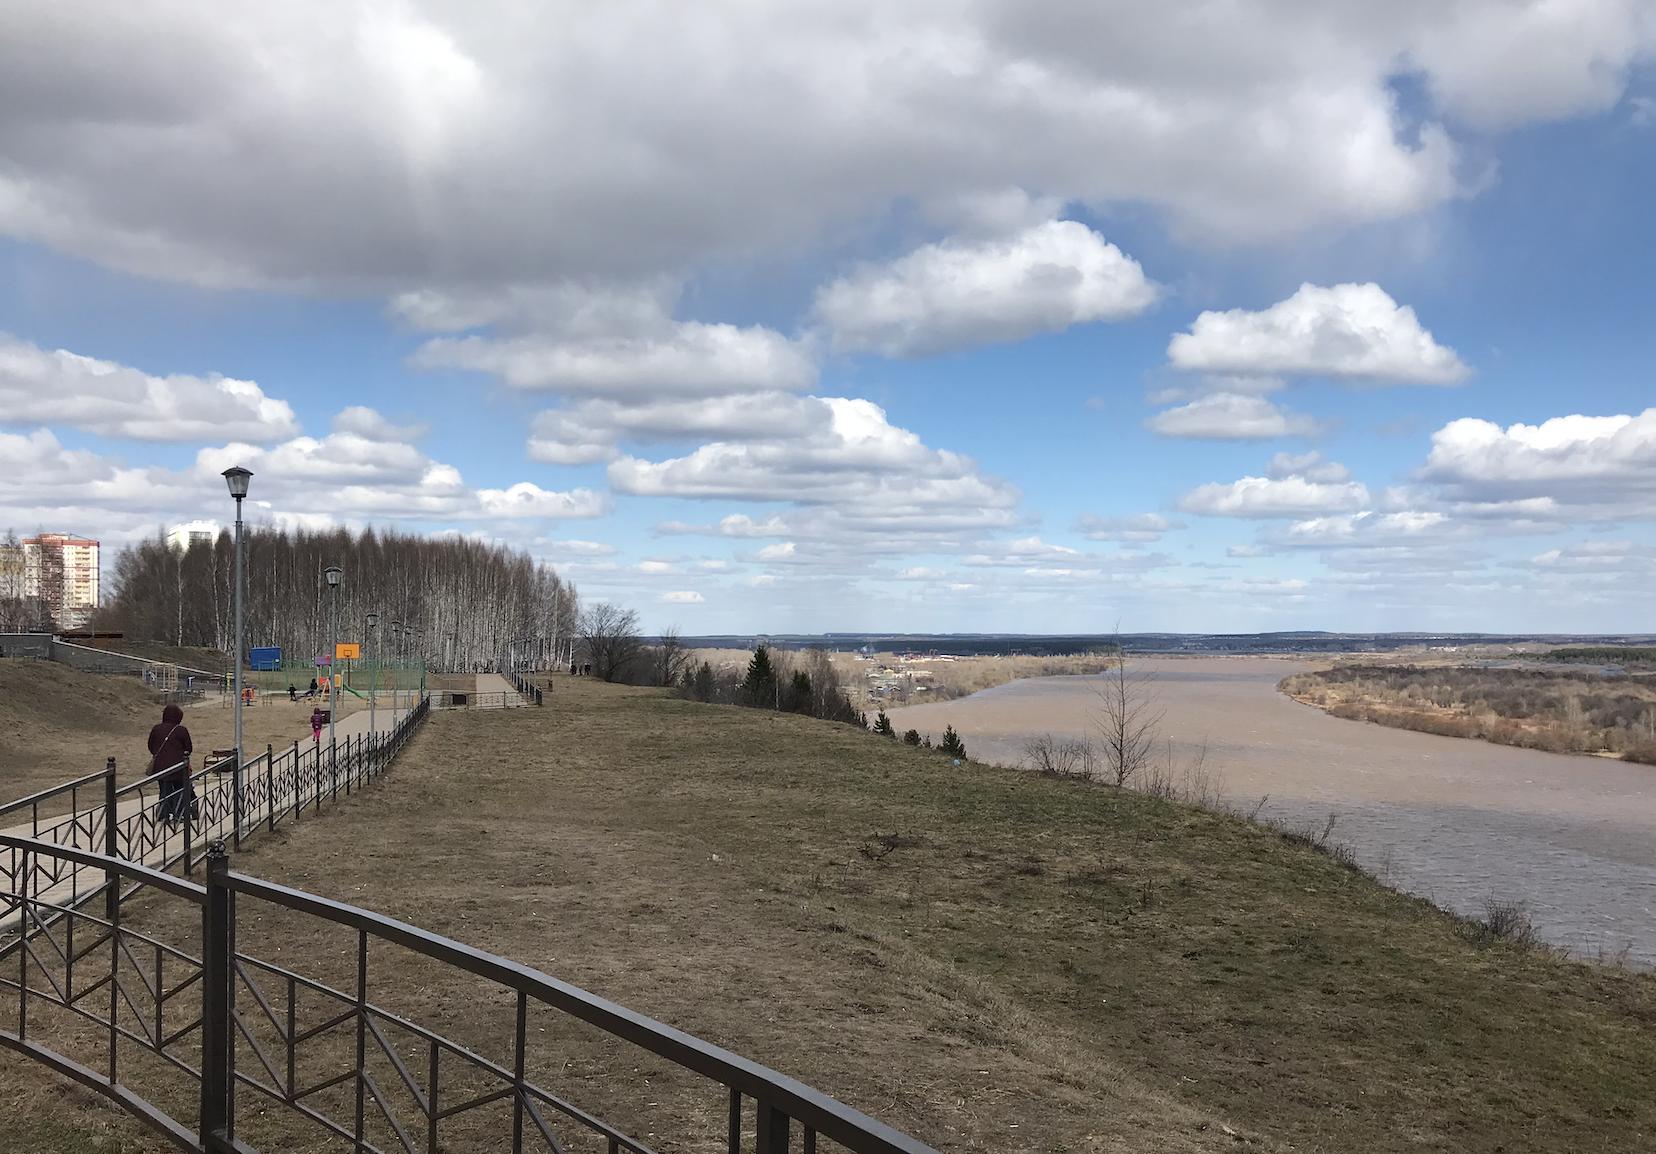 Последние дни апреля в Кирове будут дождливыми